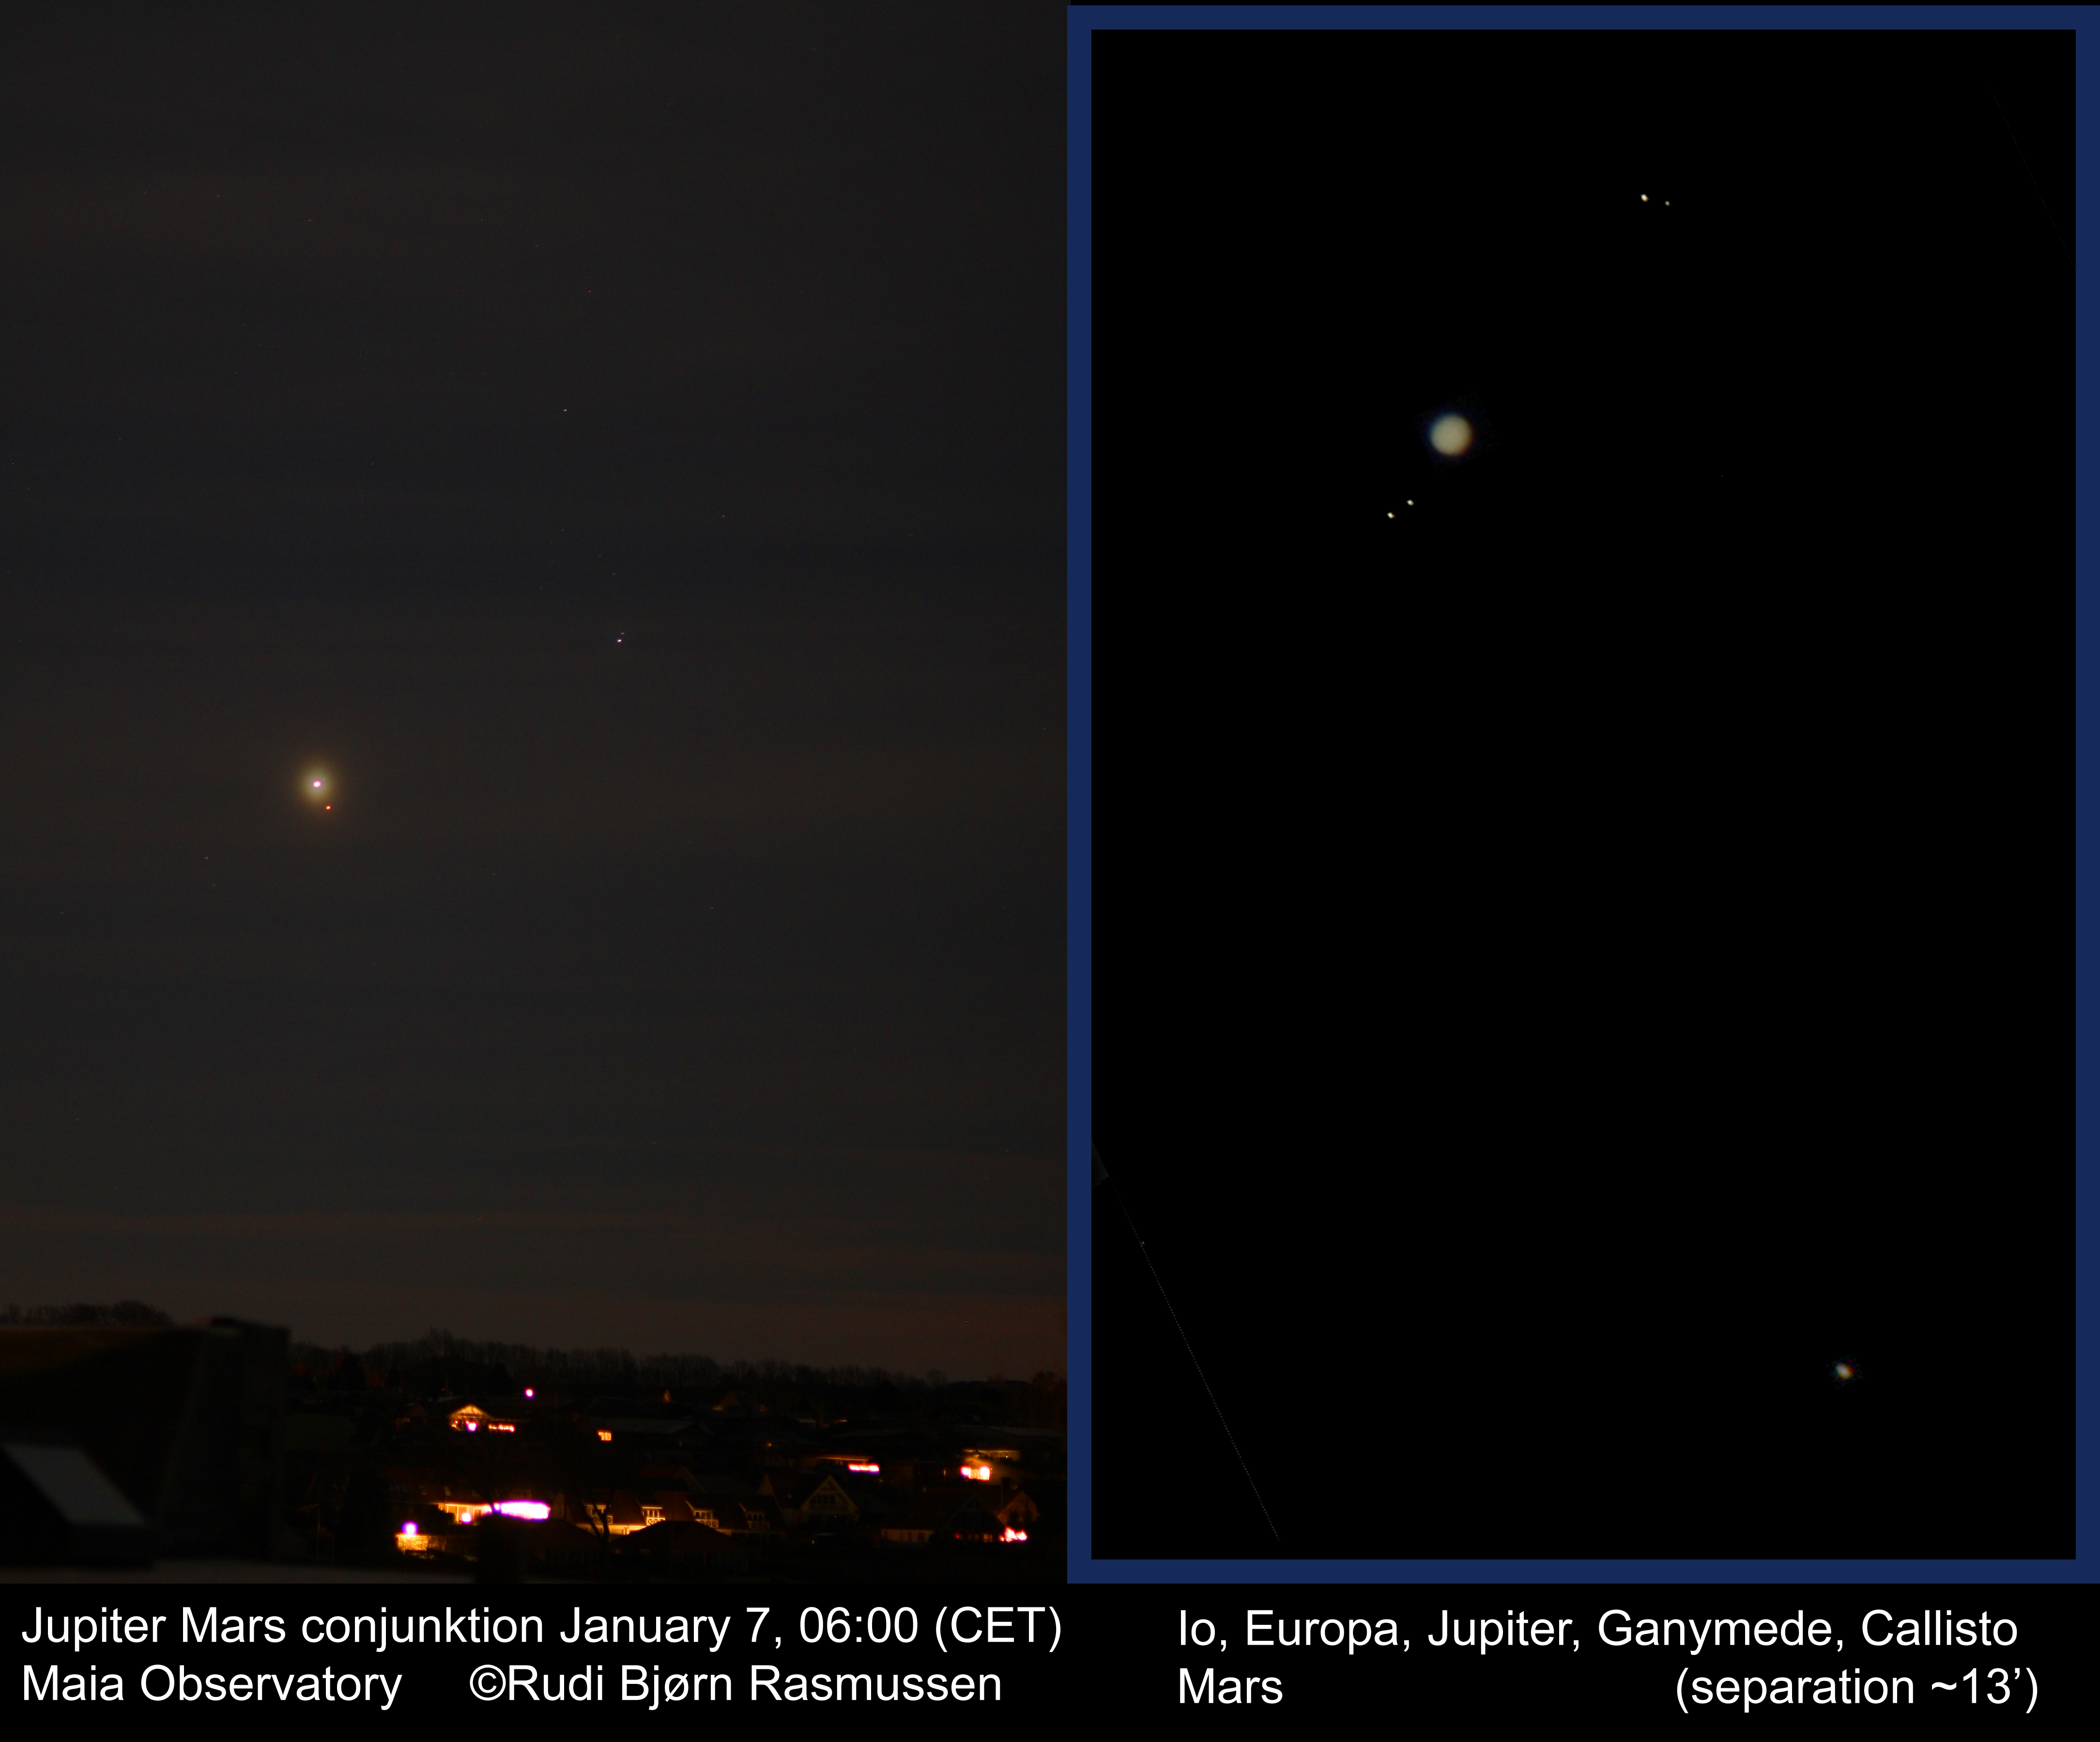 Jupiter Mars konjuktion 7 1-2018 - Astronet forum 2abb3741c76ed